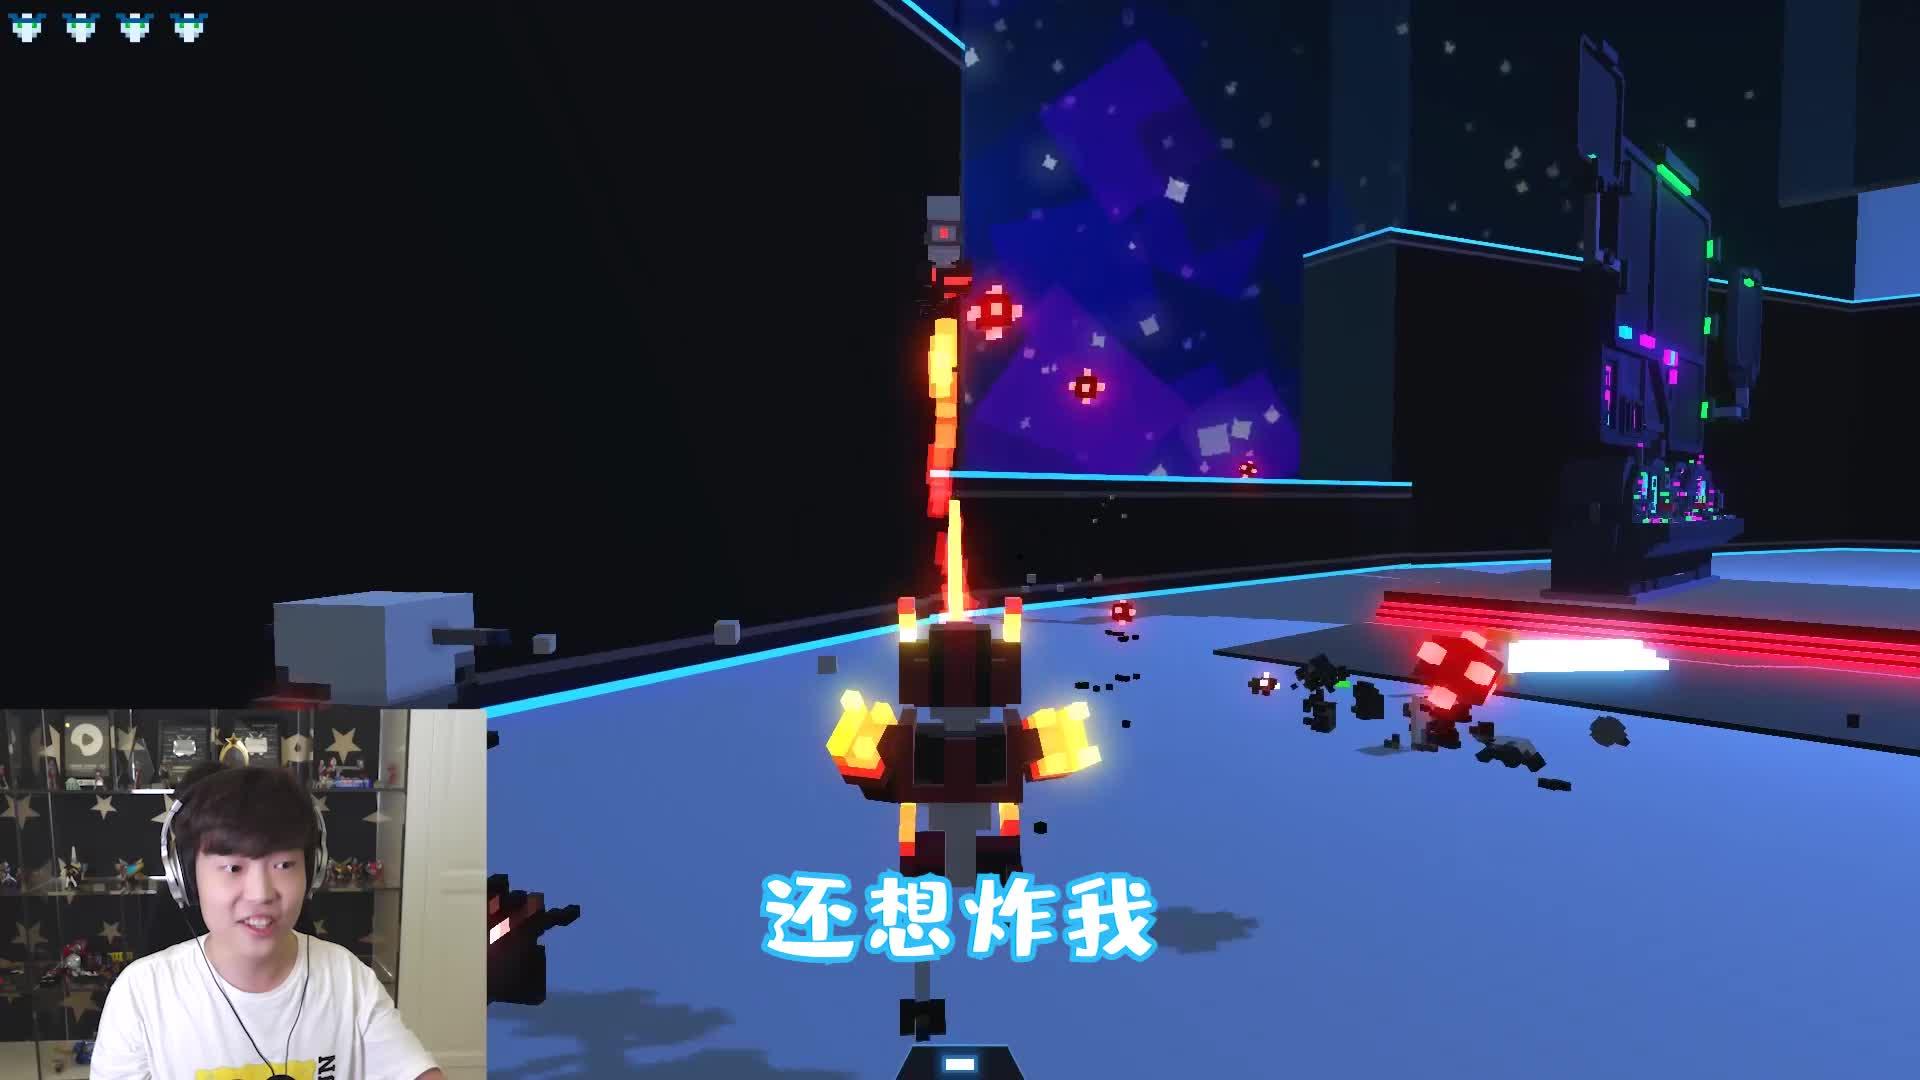 击败四大天王机器人!